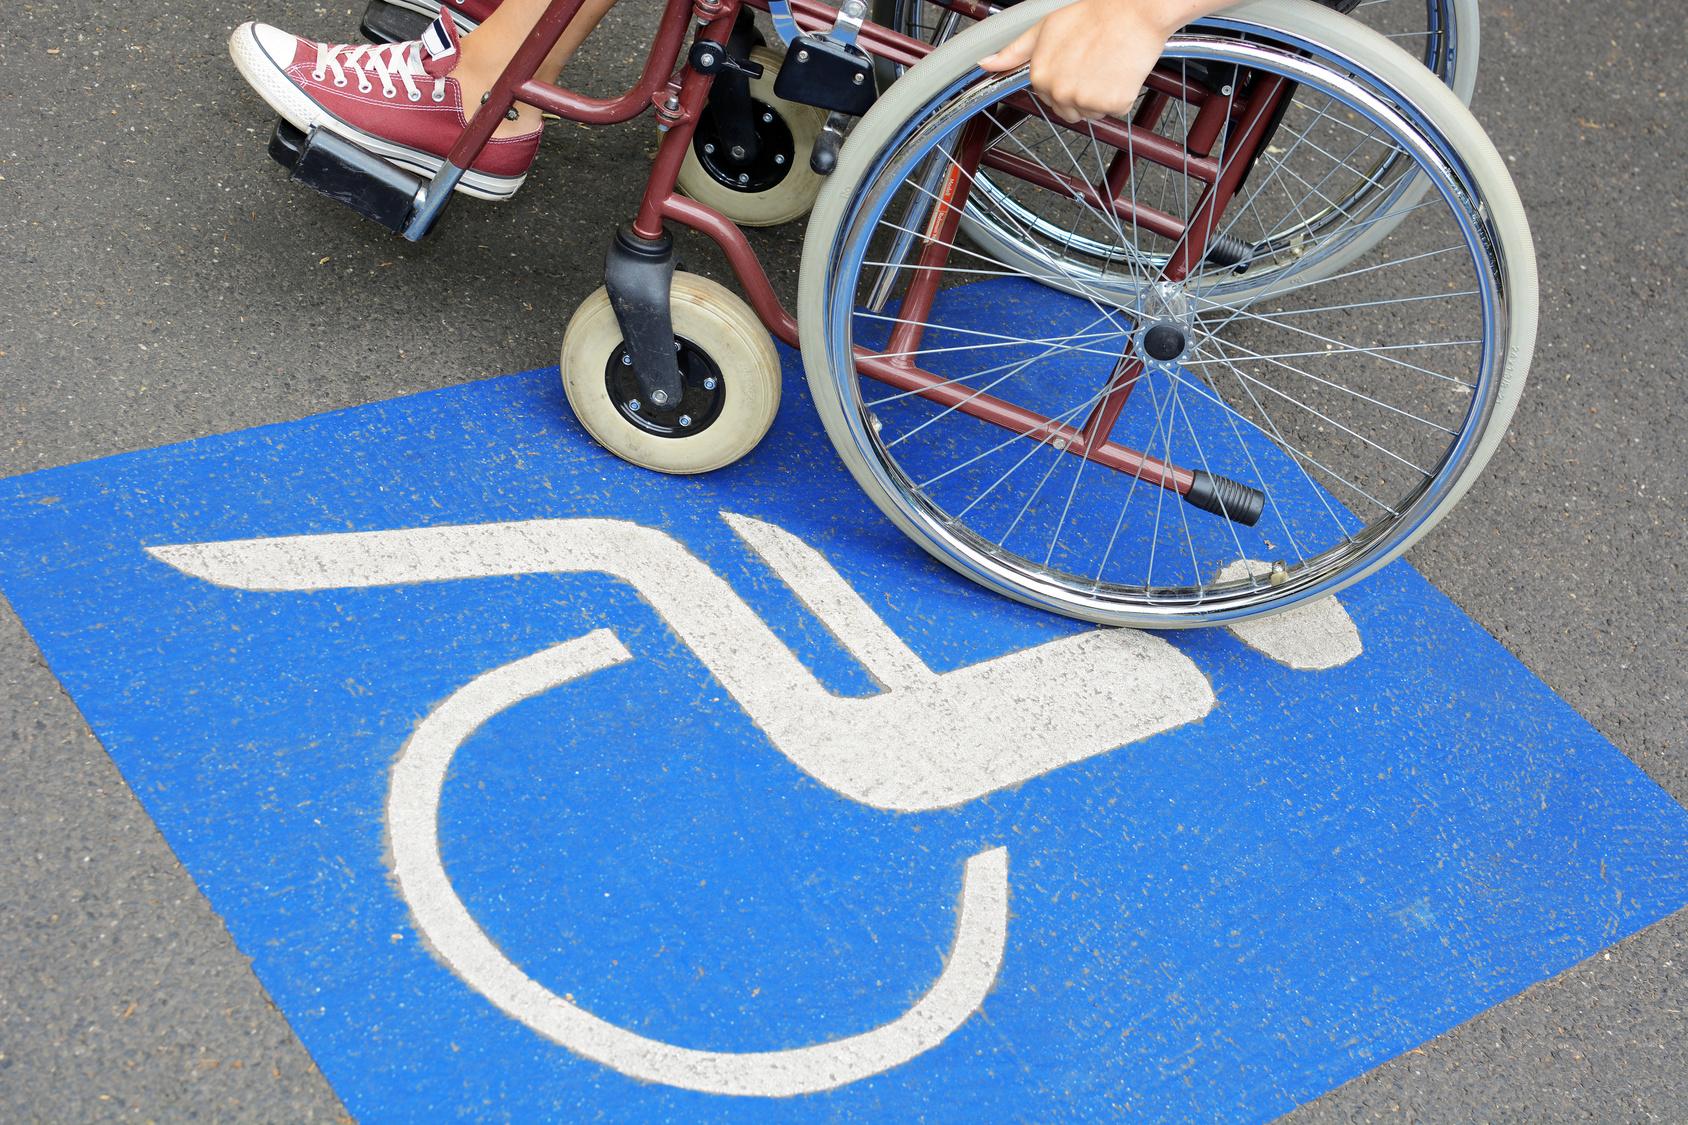 schwerbehindertenausweis 50 gdb vorteile